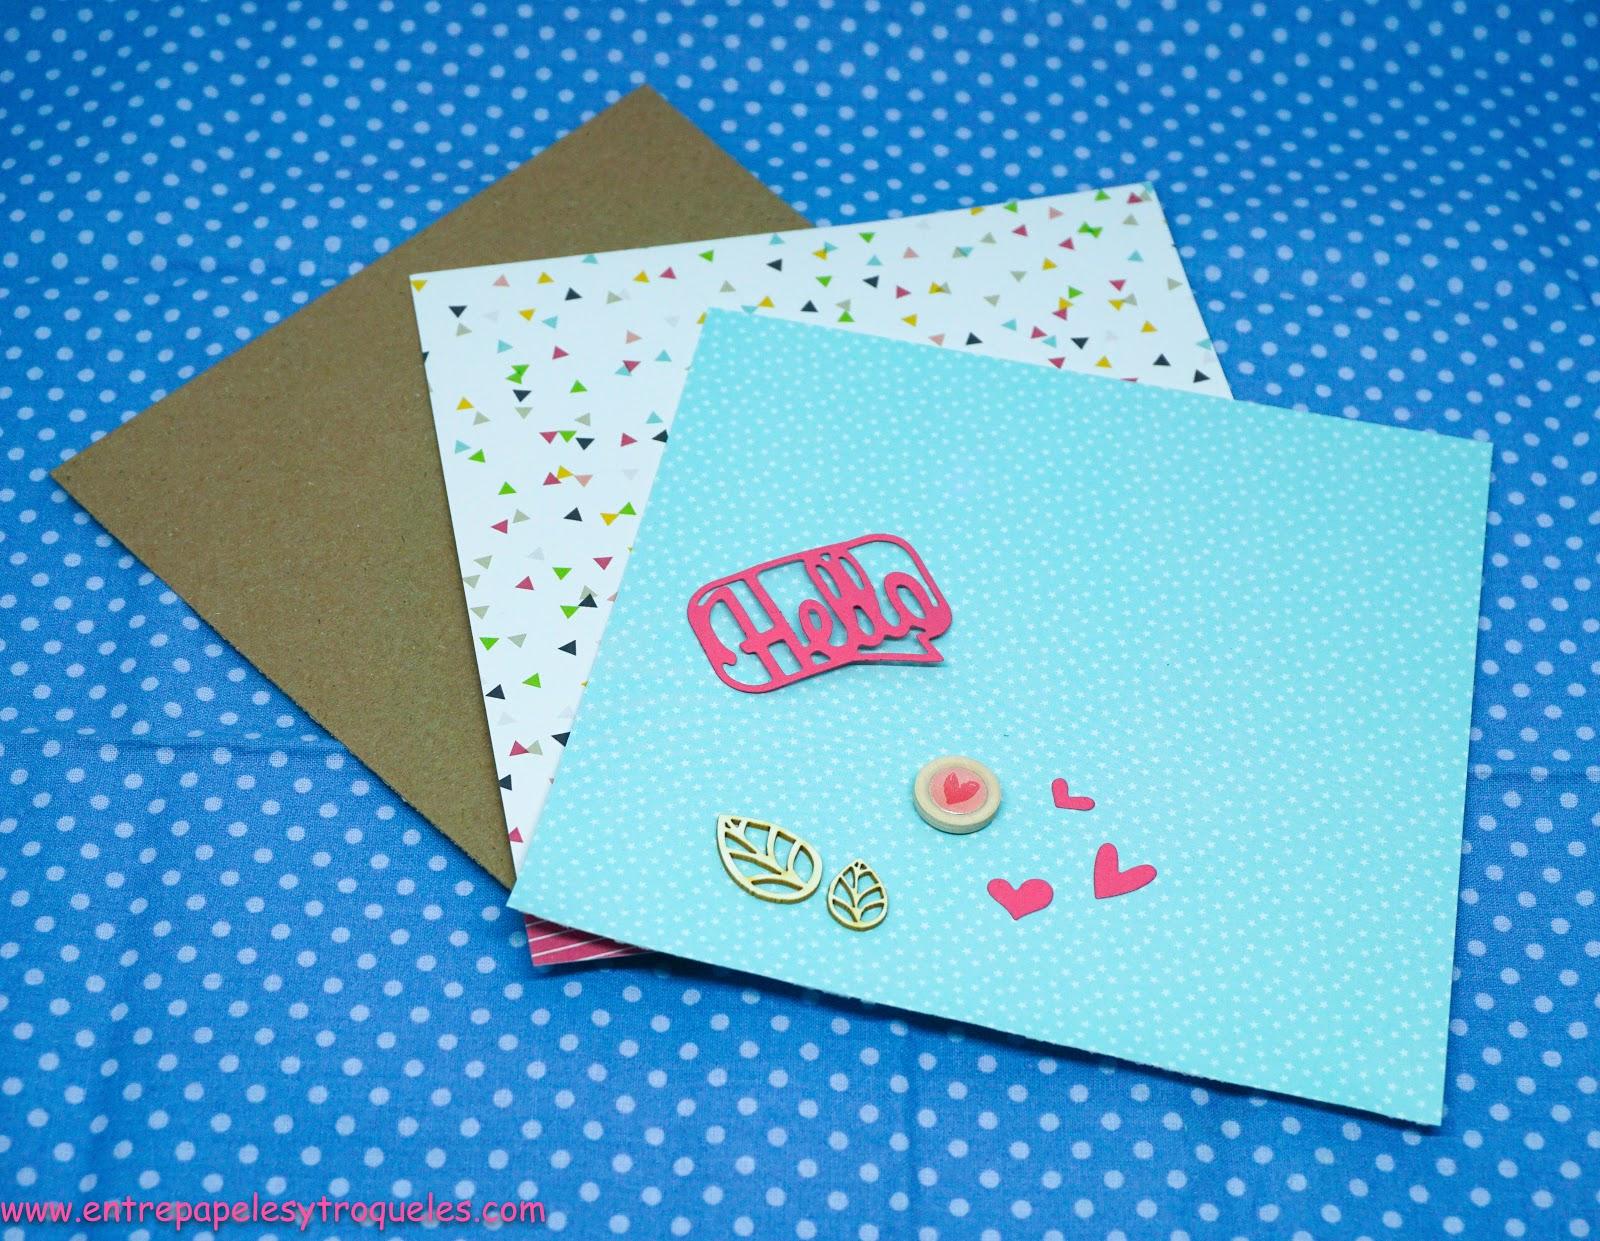 Actividades creativas American Crafts Papel cumpleaños Deseos Cita y Tarjetas de cartulina 2